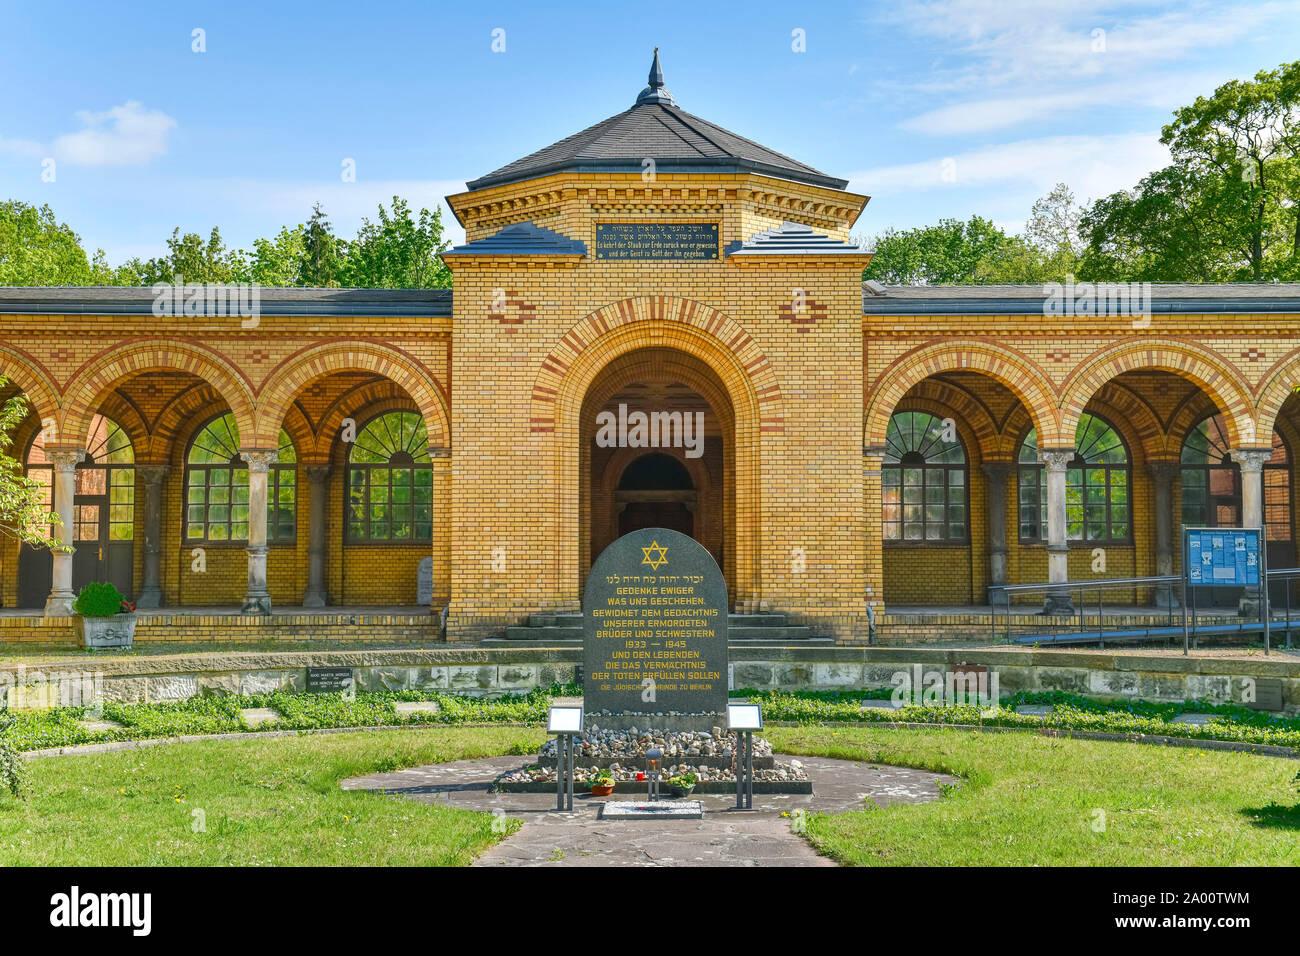 Juedischer Friedhof, Herbert-Baum-Strasse, Weissensee, Pankow, Berlin, Deutschland Banque D'Images